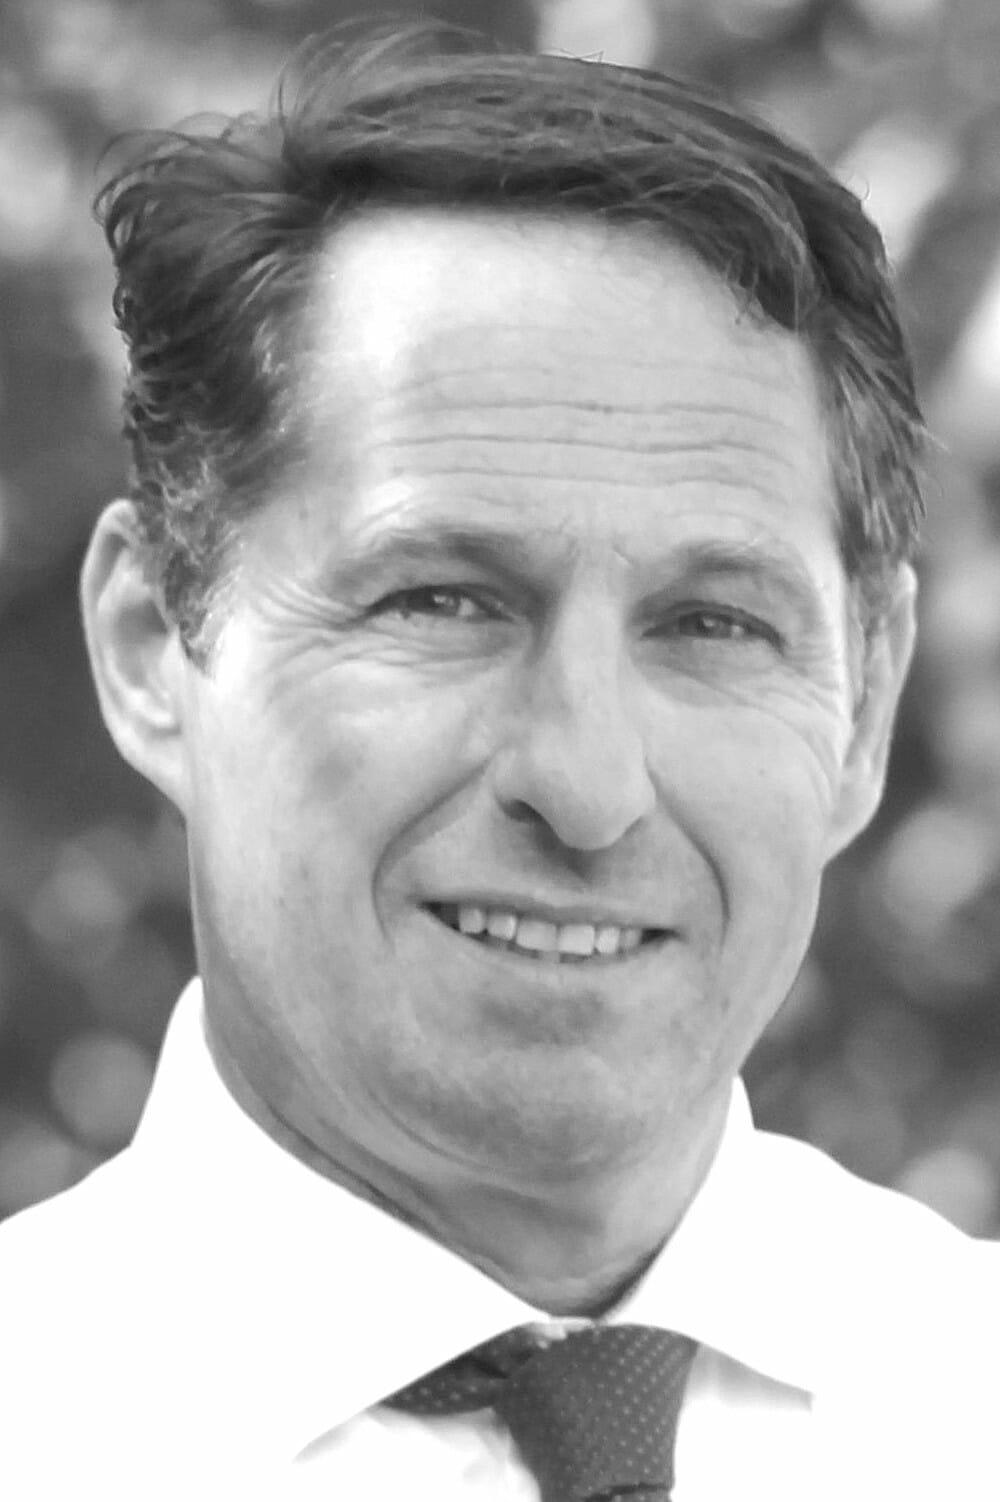 Jörg Aschenbrenner - ehemaliger Polizeibeamter und Referent/Coach zum Thema Sicherheitstraining innerhalb von Familien - ist Dozent bei der Nanny Academy in Tutzing am Starnberger See.